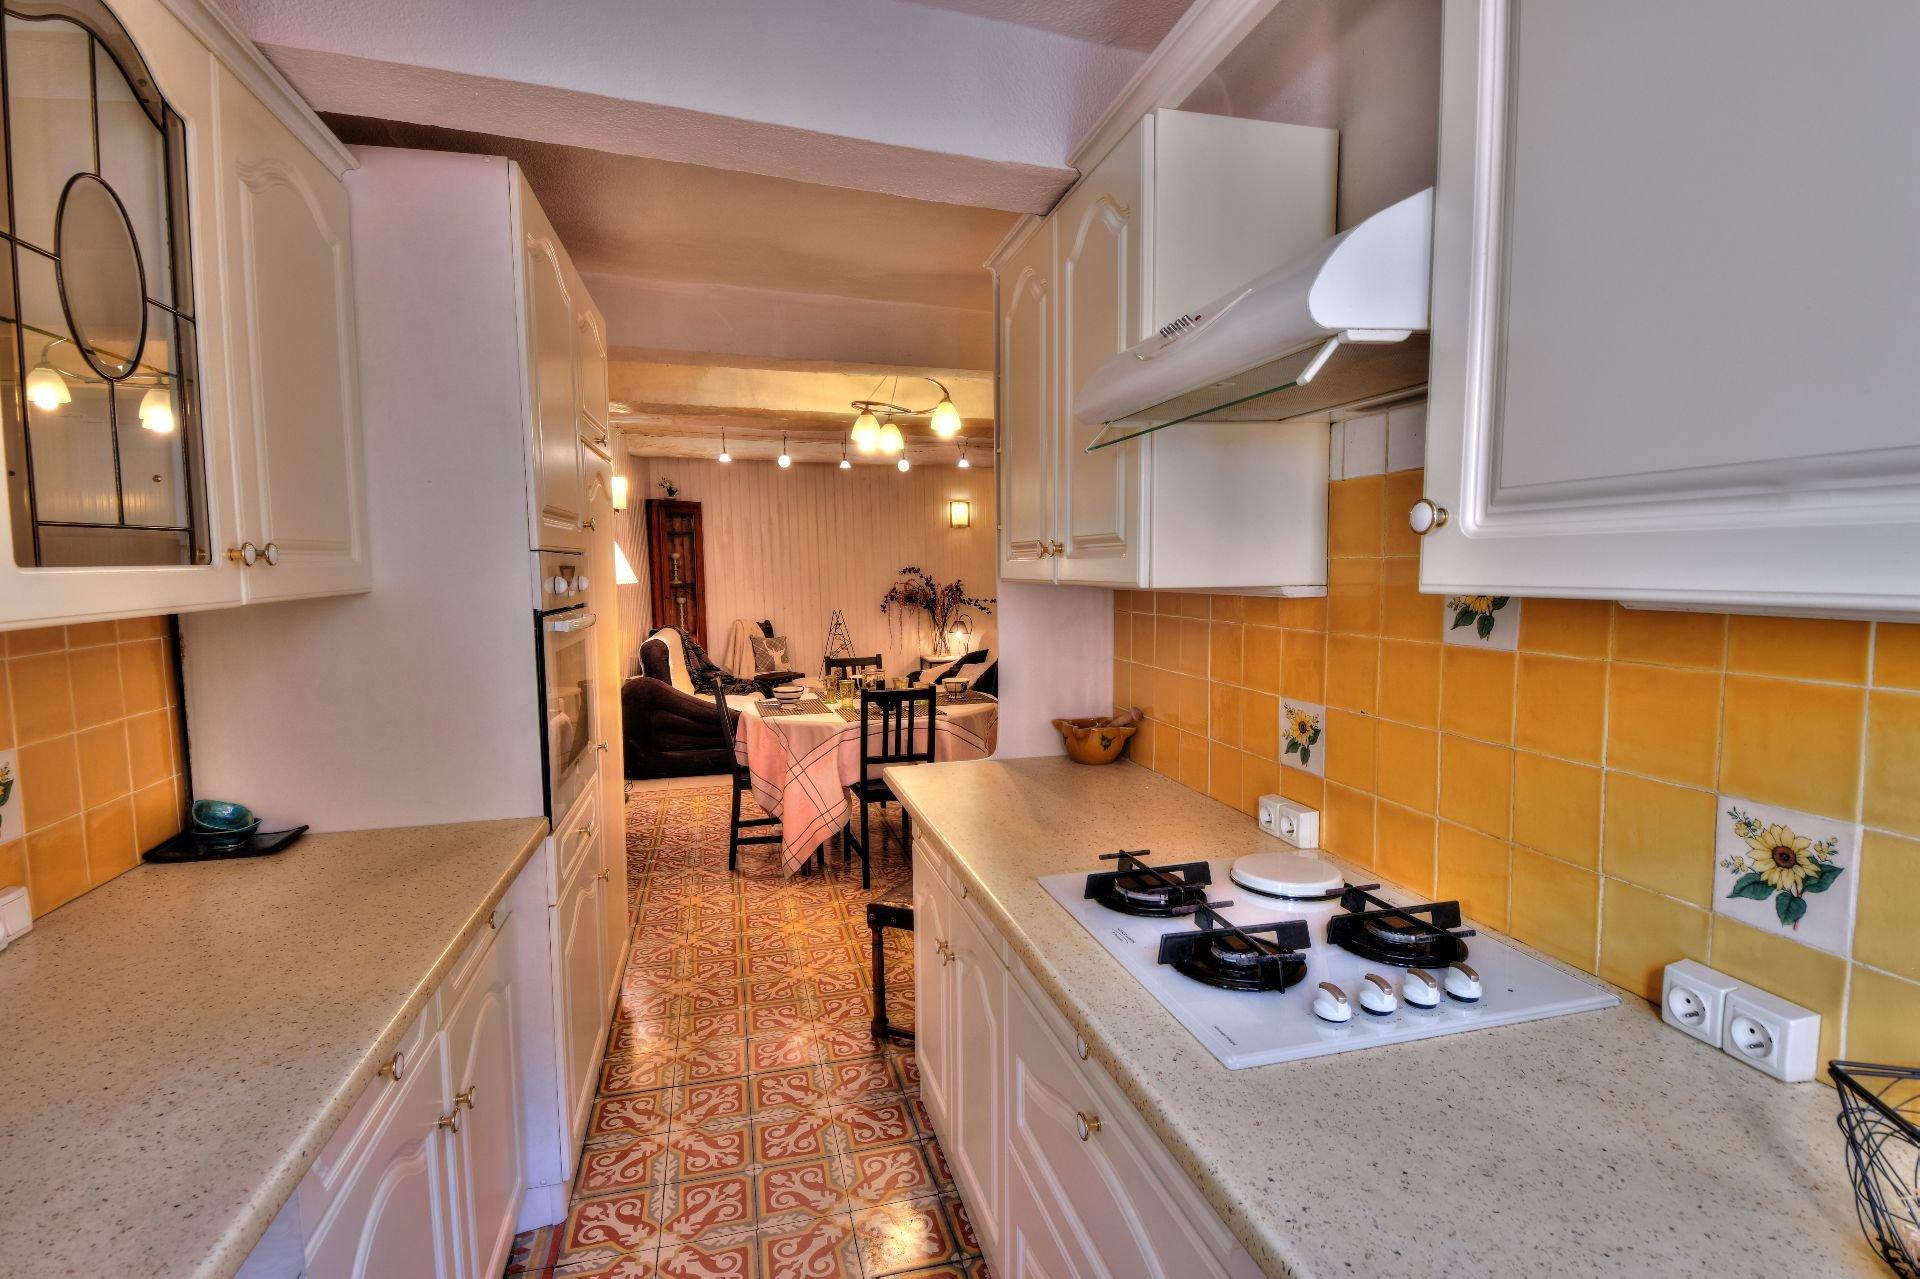 Cuisine de la maison de village 3 chambres, Var, Provence, Verdon